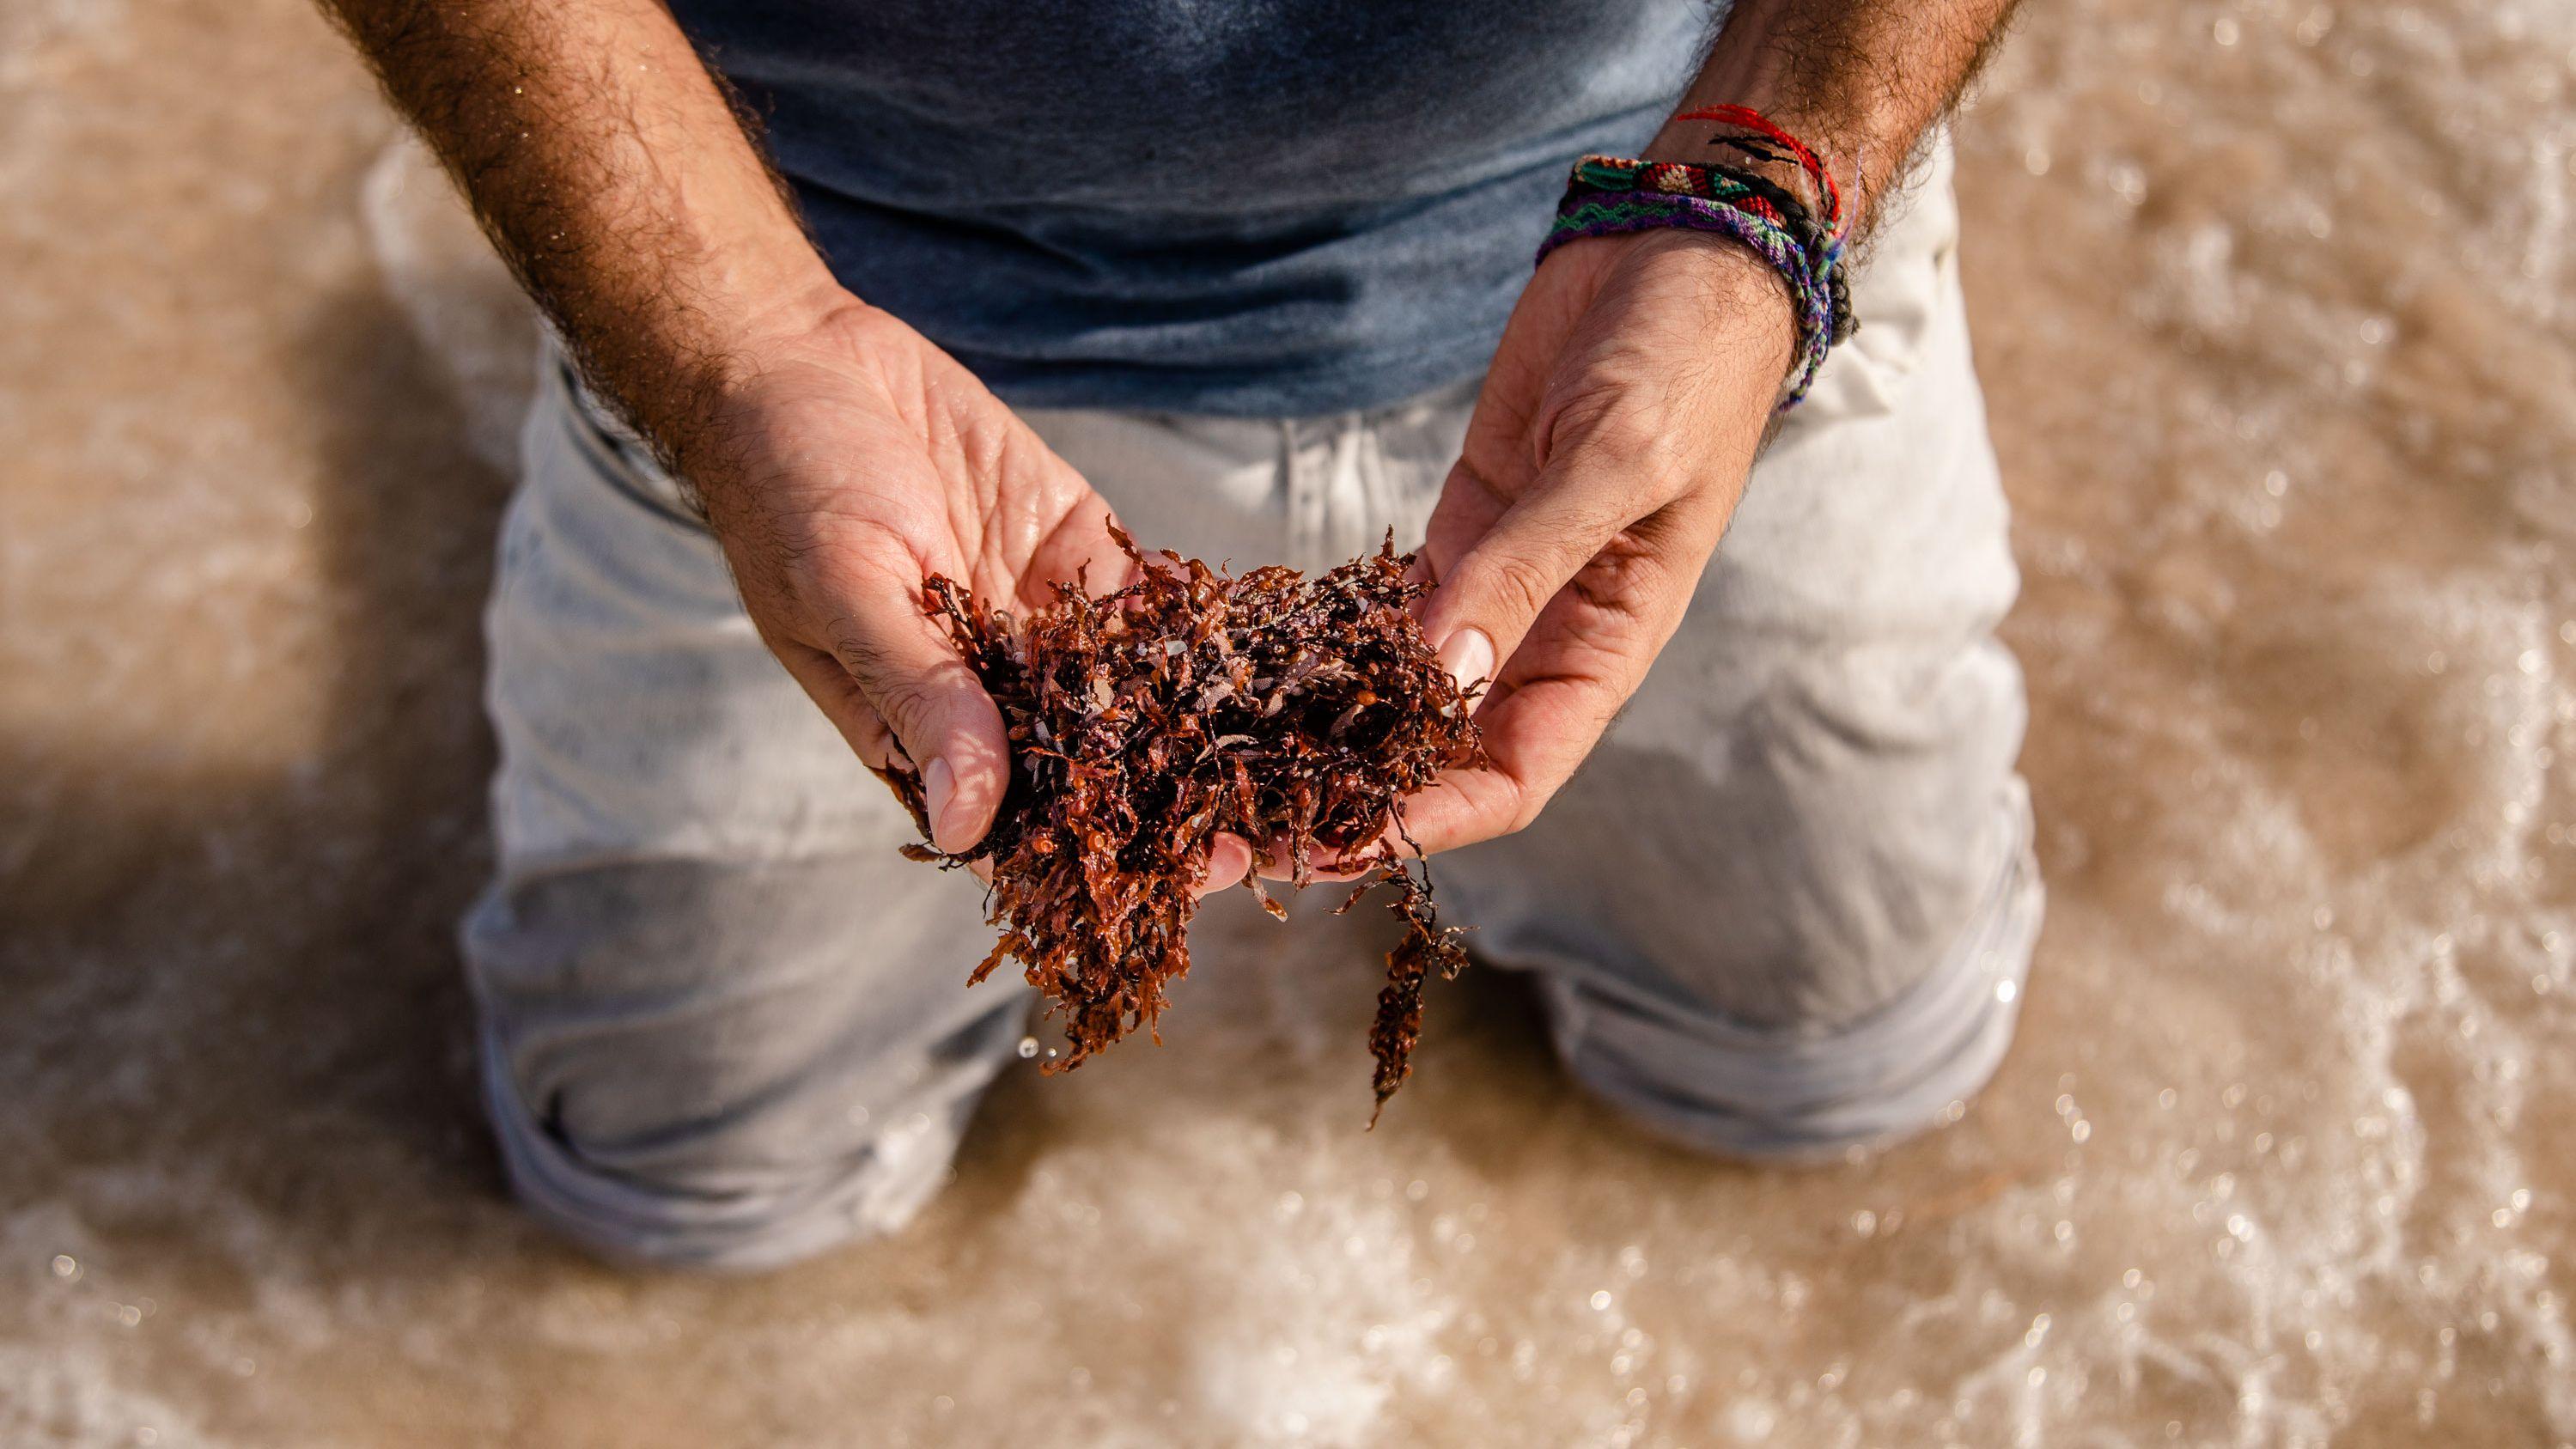 カリブを襲う「海藻」の脅威 人気観光地の危機を救えるか